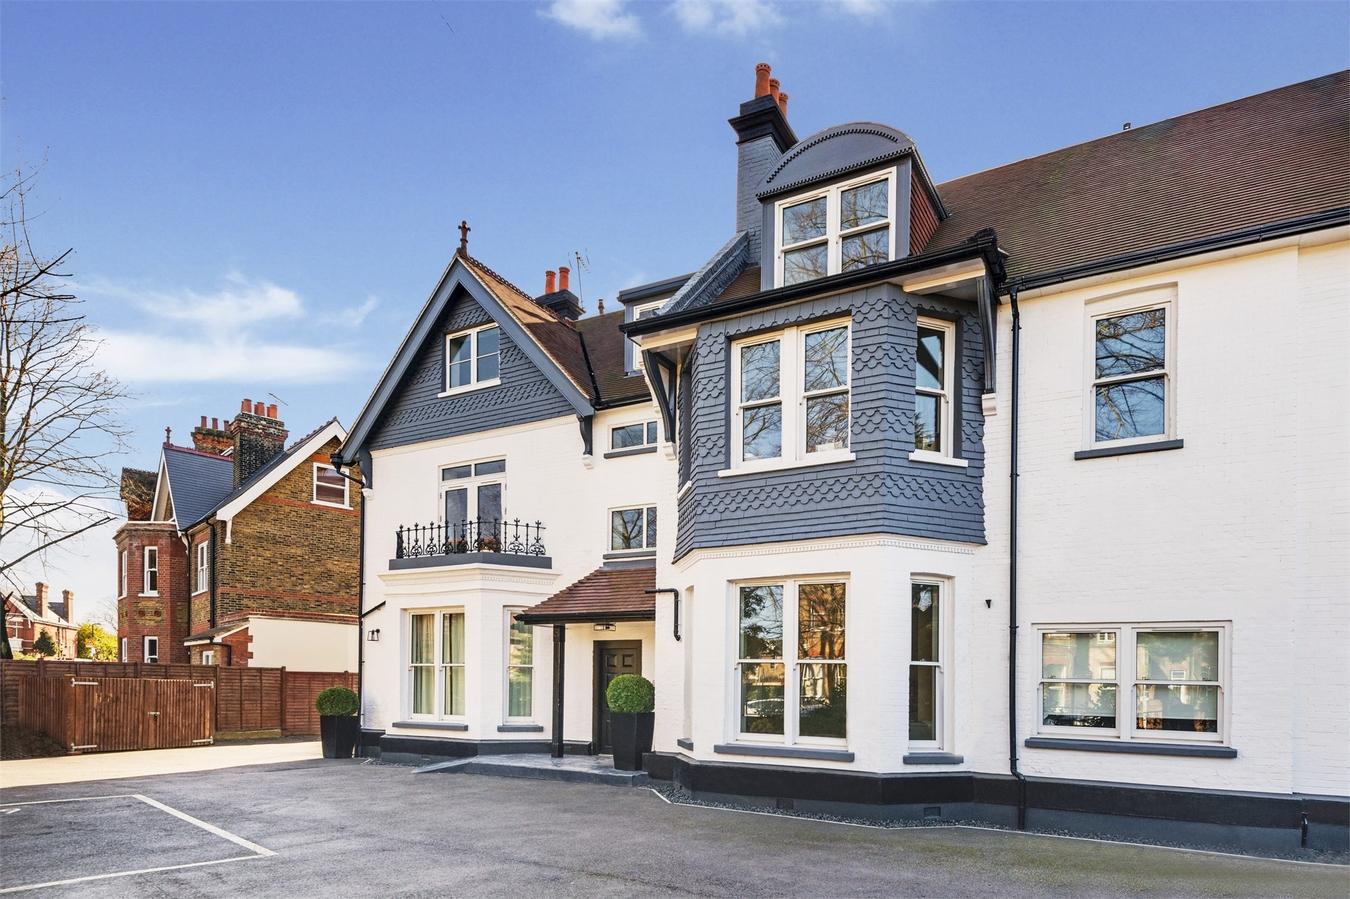 2 Bedroom Flat For Sale In The Lodge Creffield Road Ealing W5 London